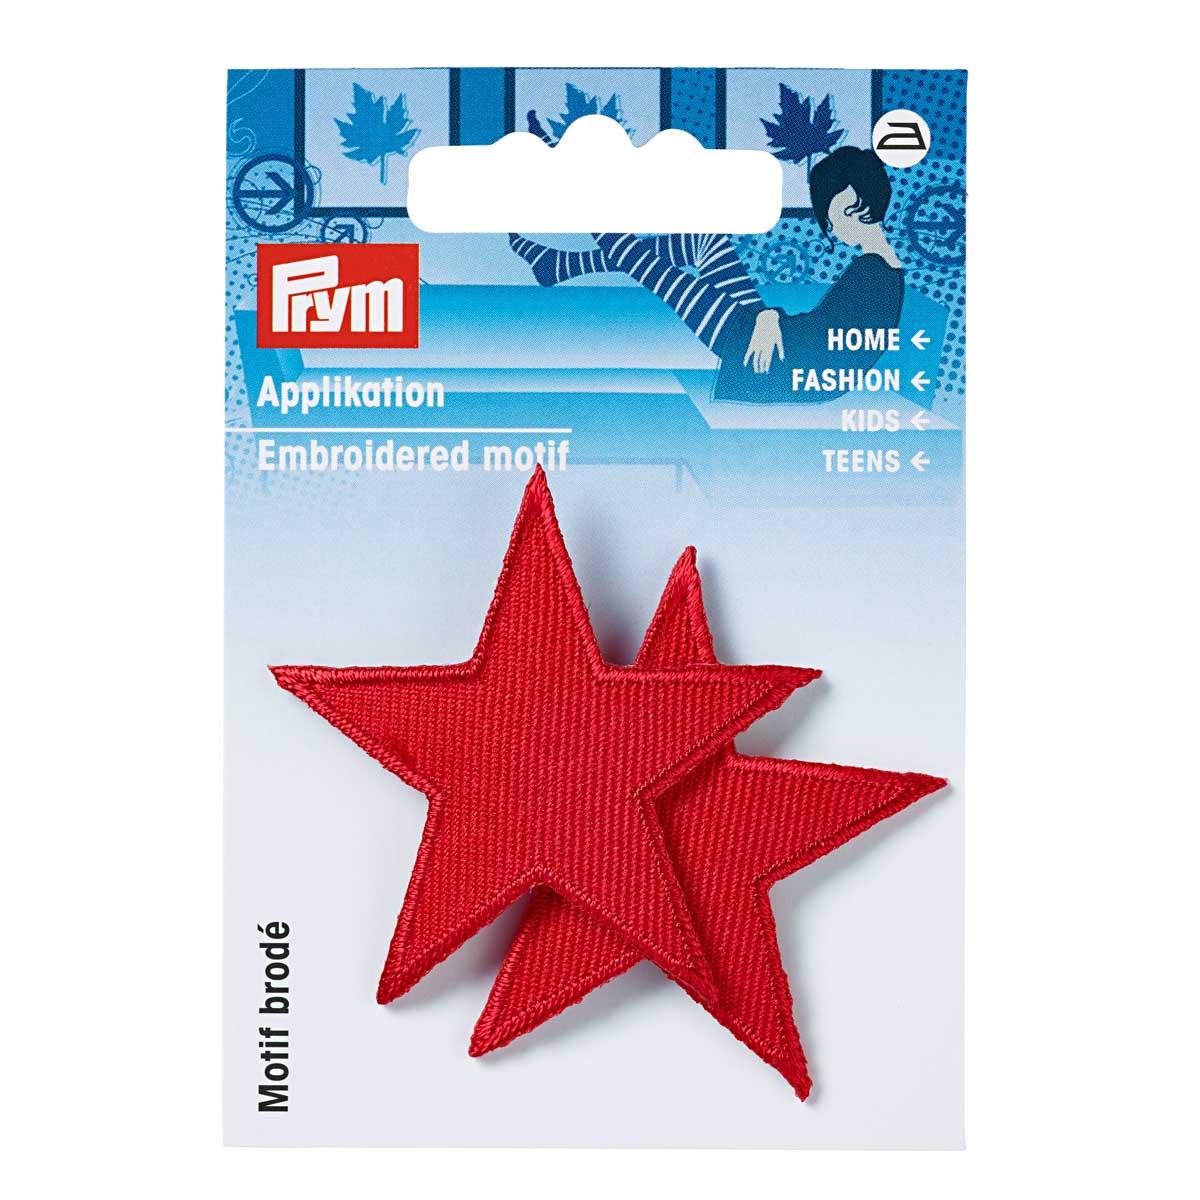 923152 Термоаппликация Звезды красный цв. 2 шт. Prym